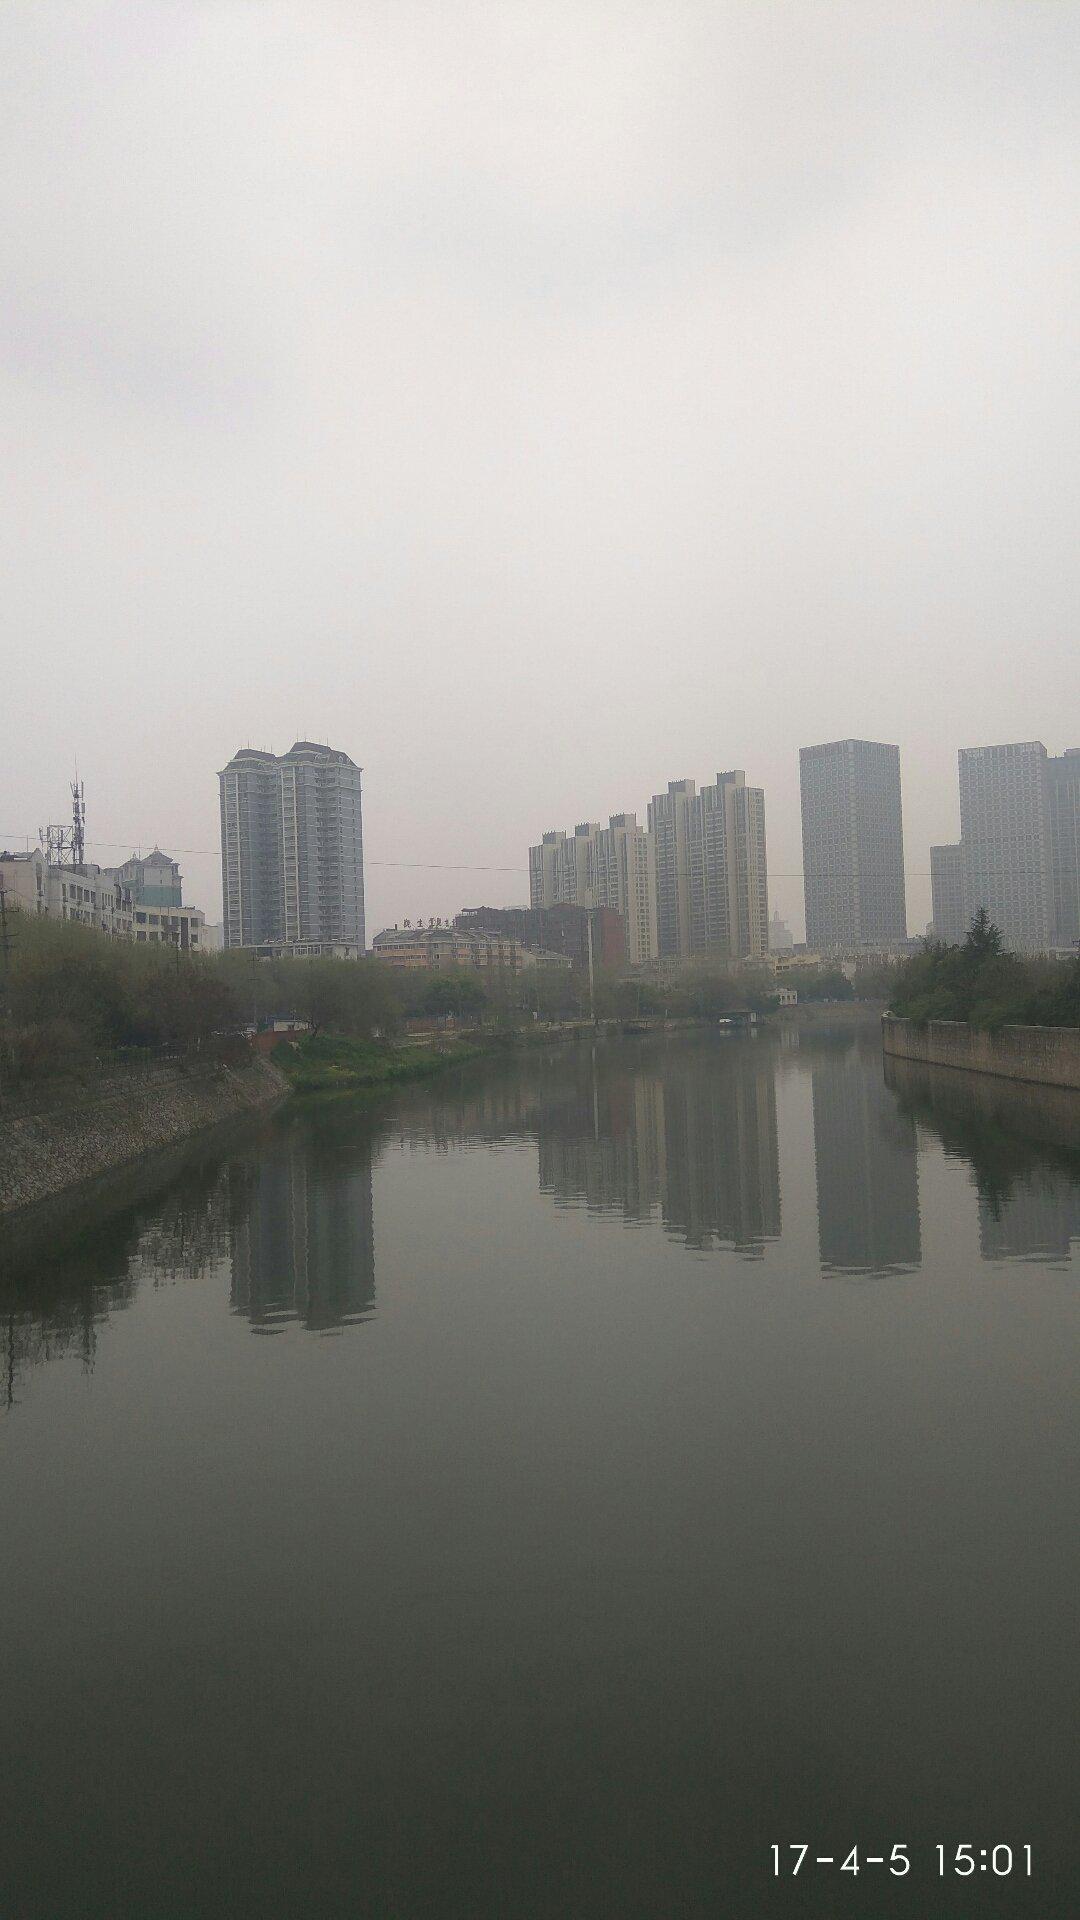 屯溪天预报�z*_安徽省合肥市包河区南一环路辅路靠近屯溪路桥天气预报